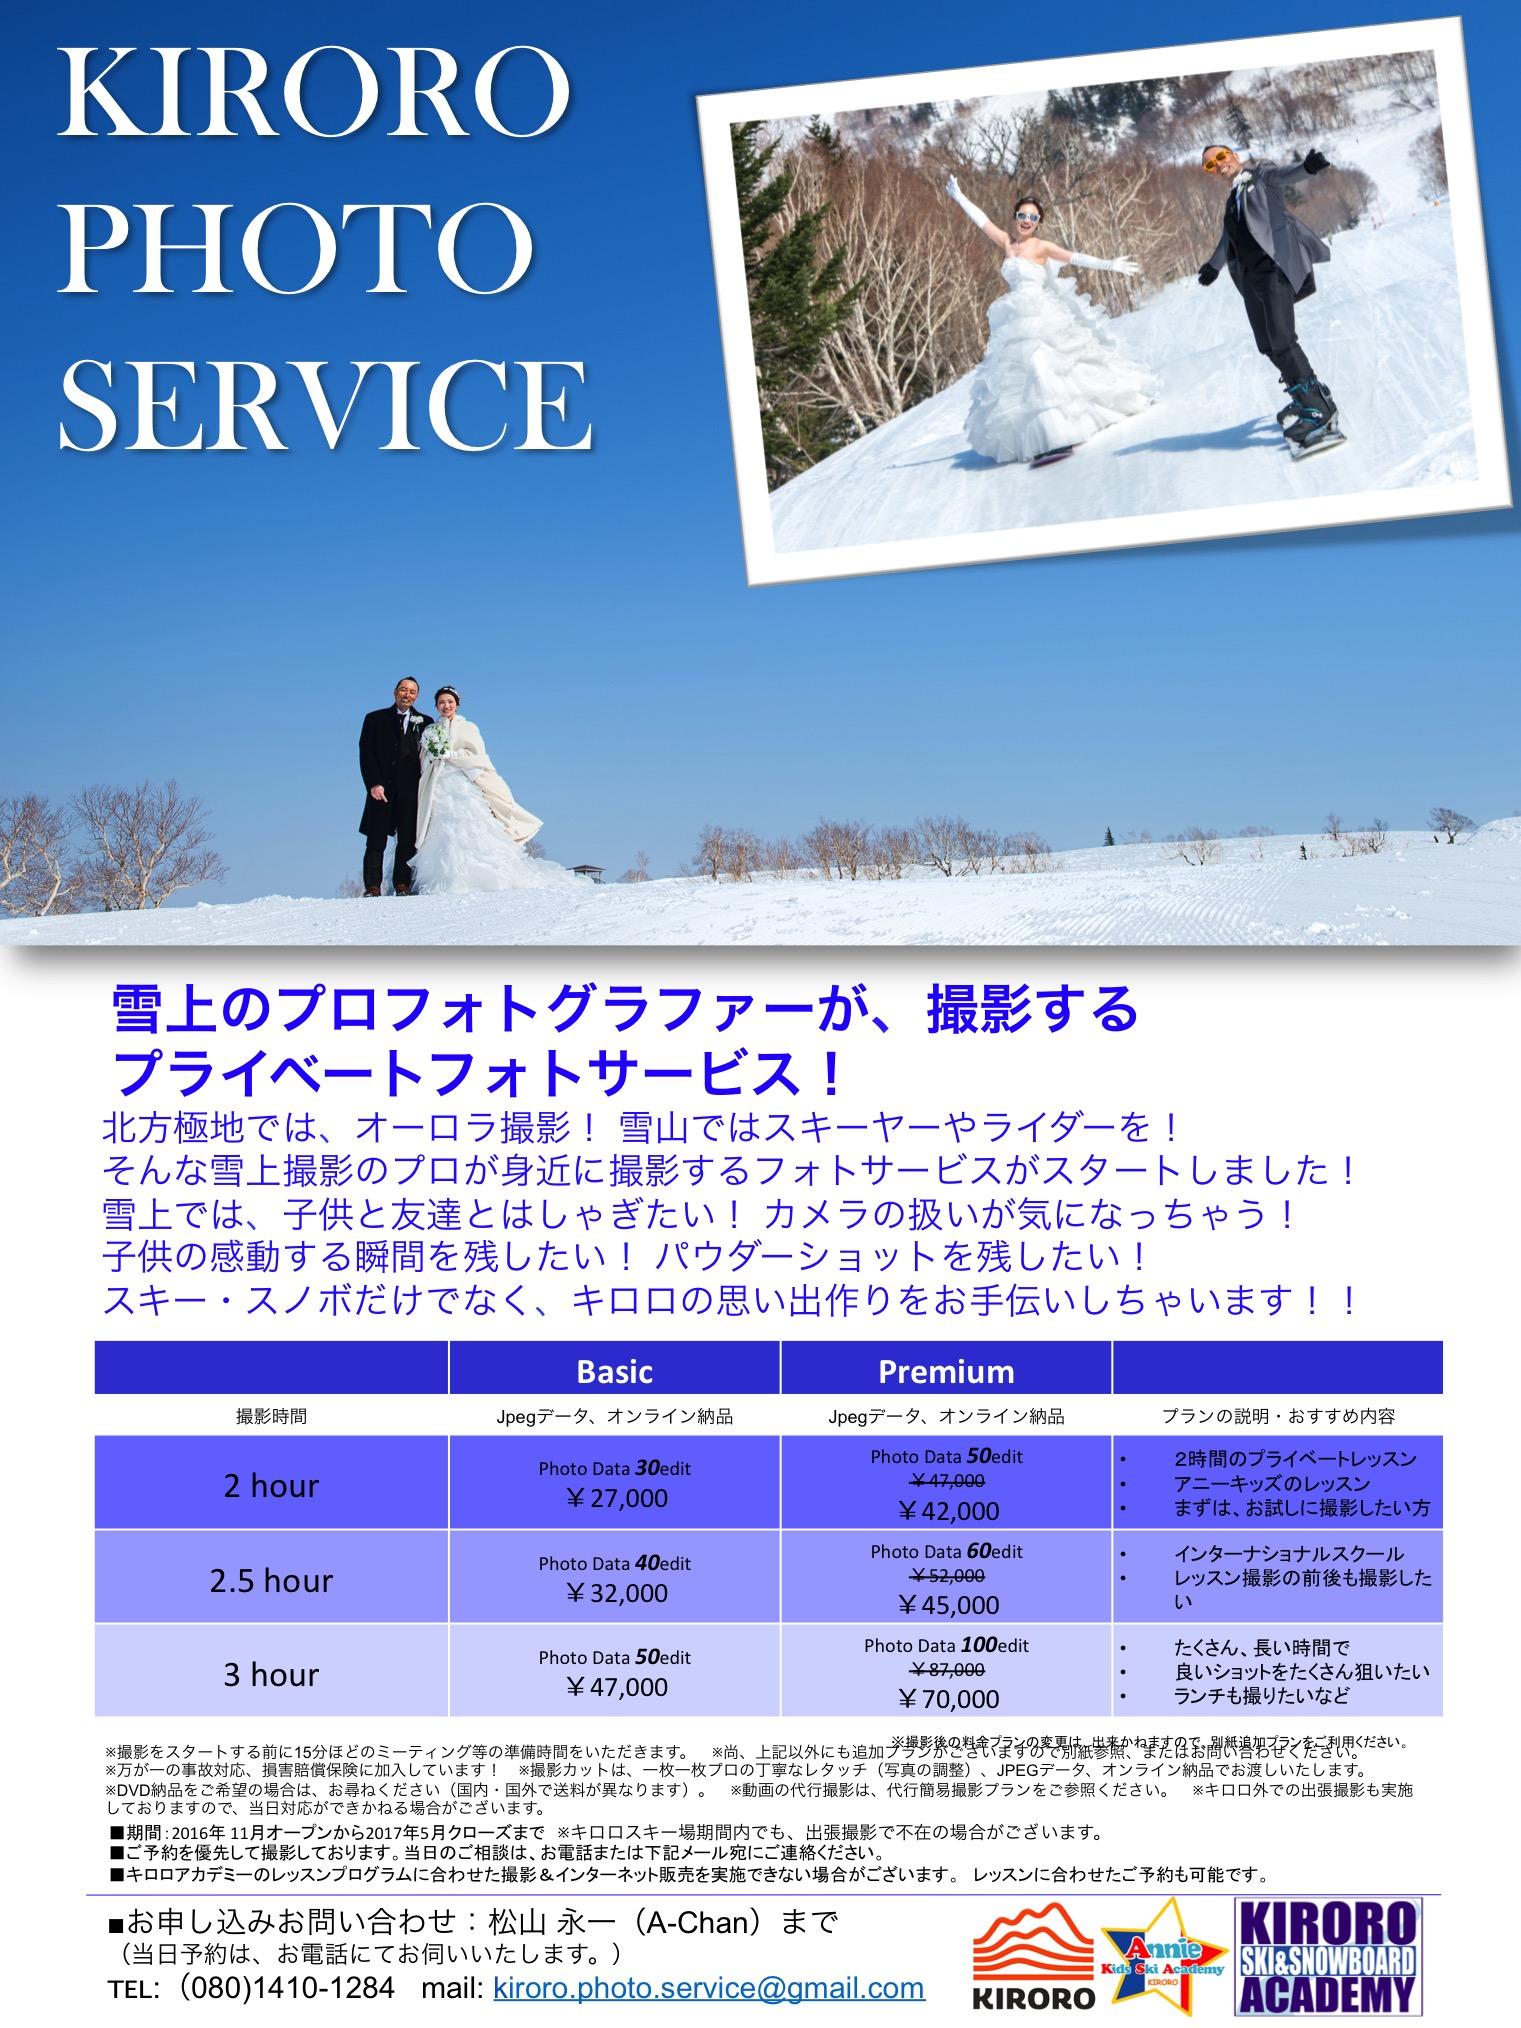 画像、日本、キロロスペシャルプライス2